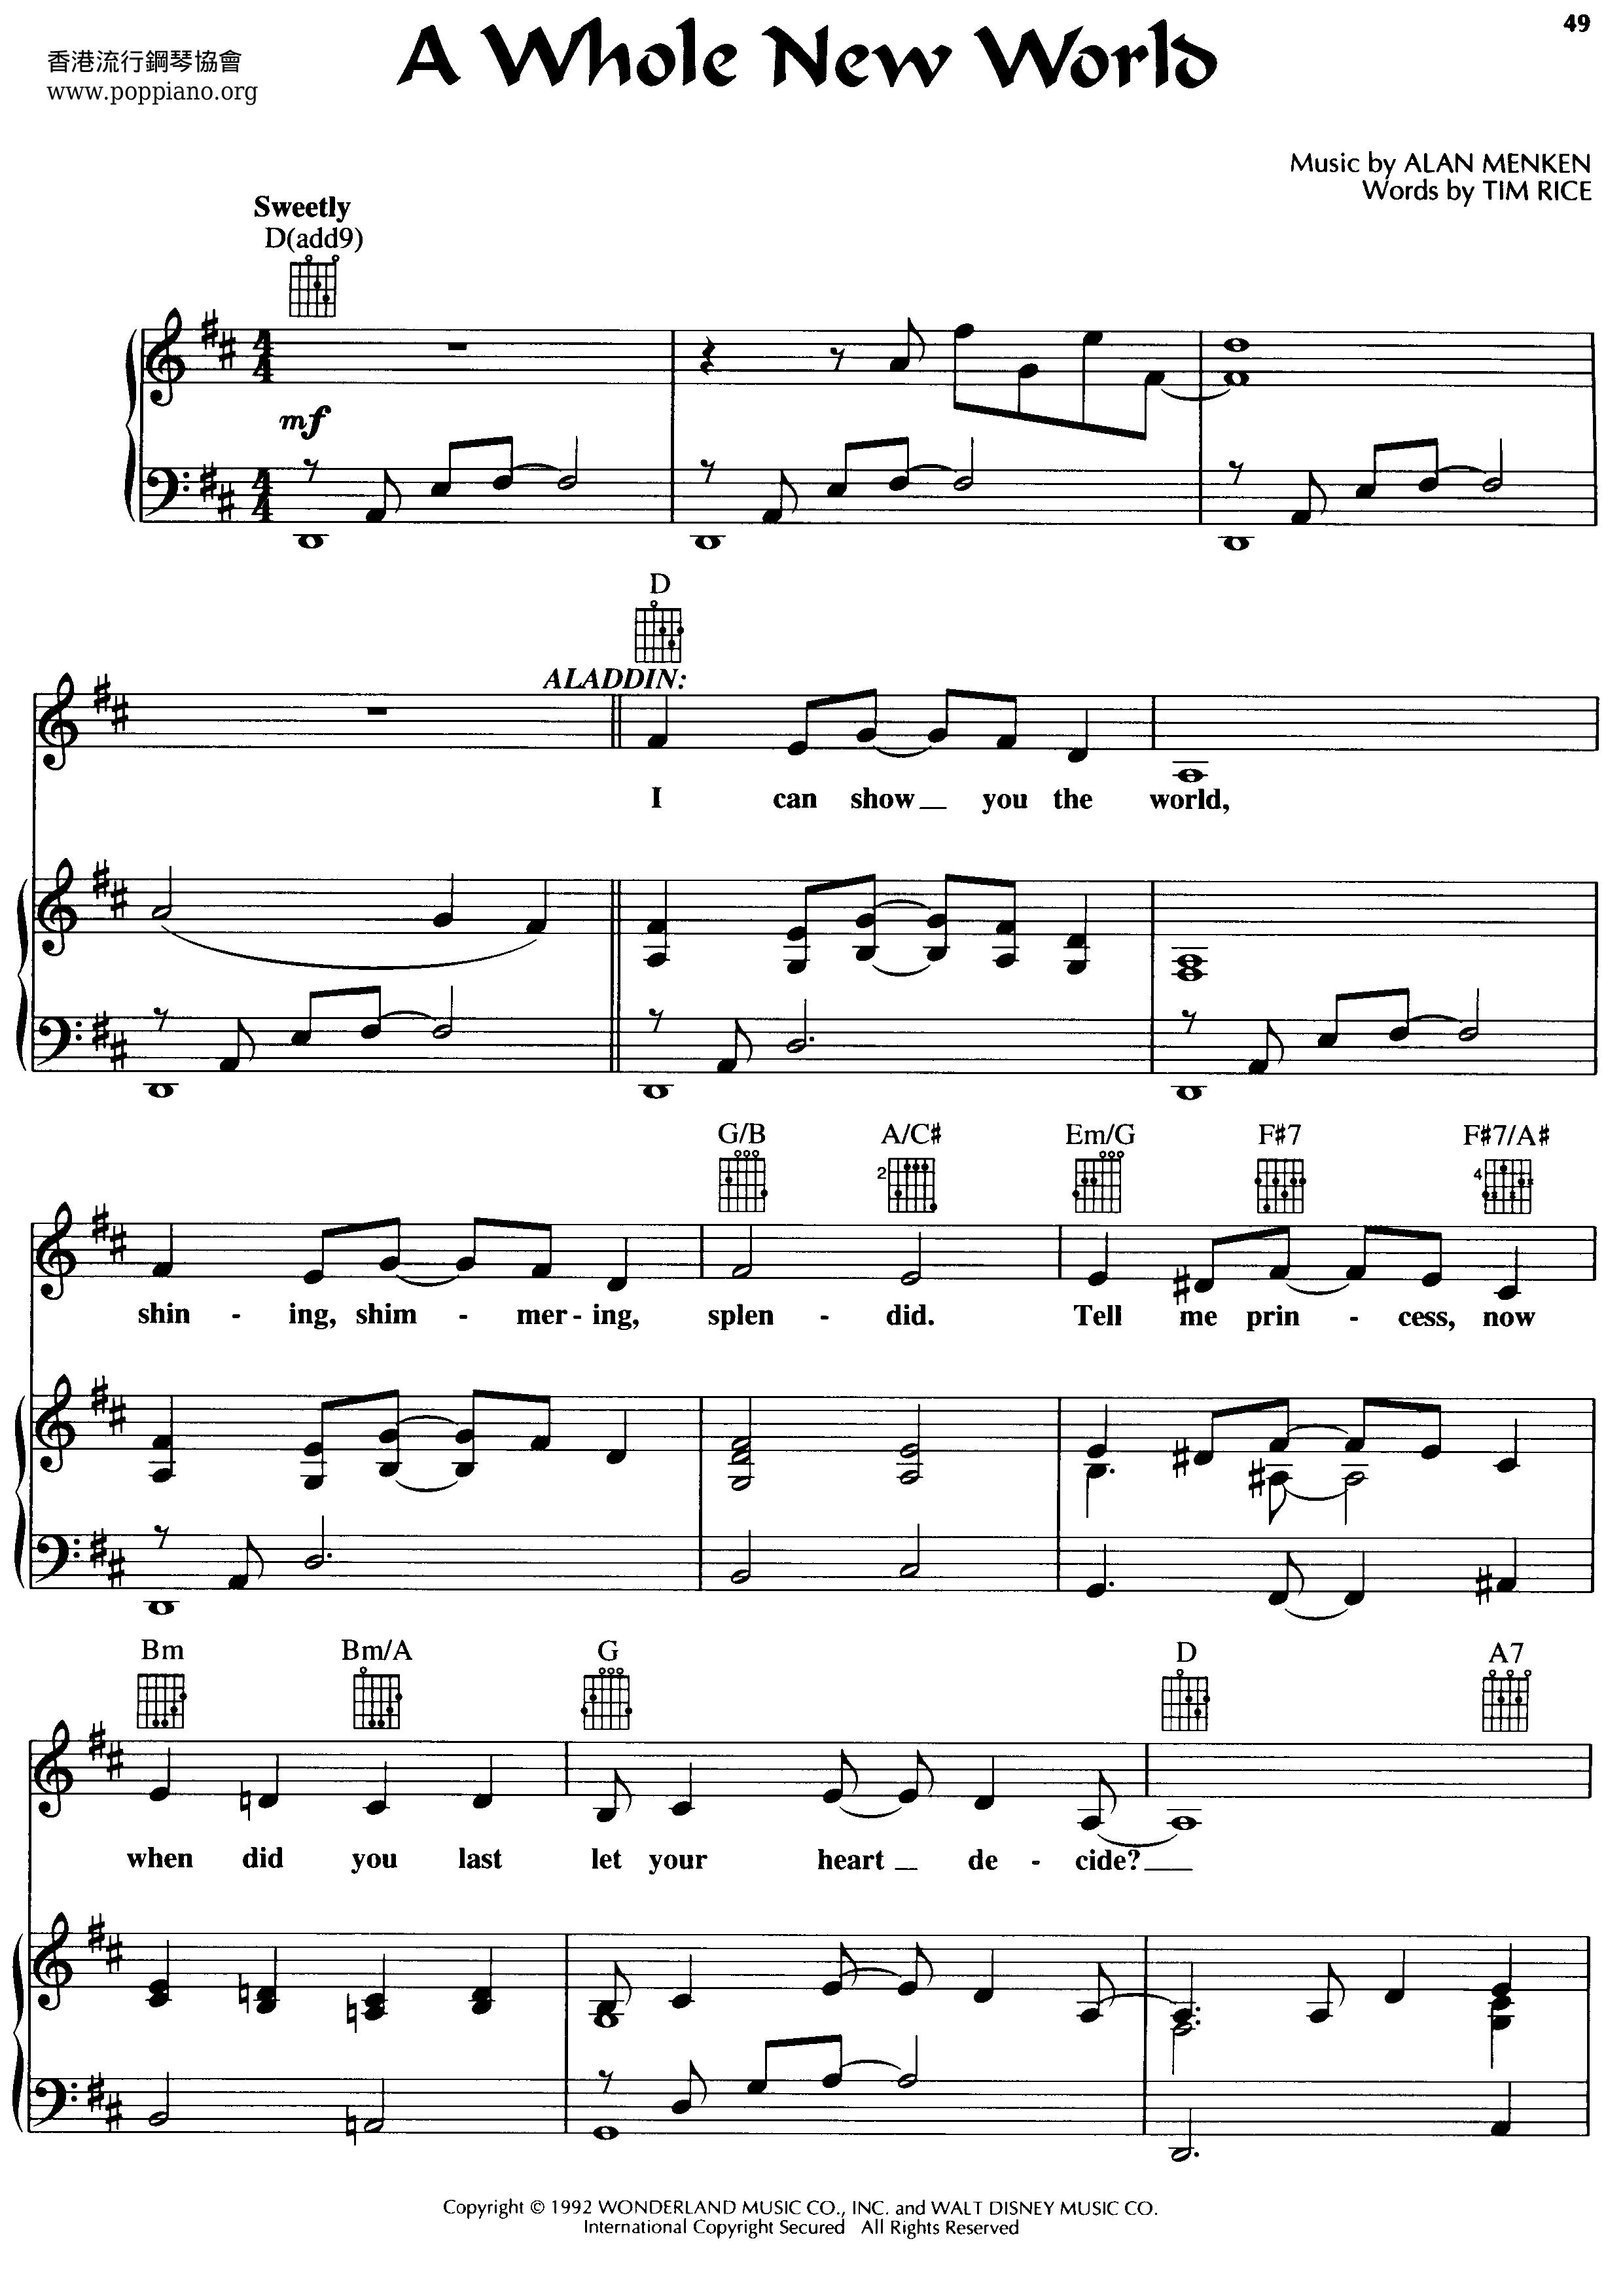 ホール 楽譜 ワールド ア ニュー